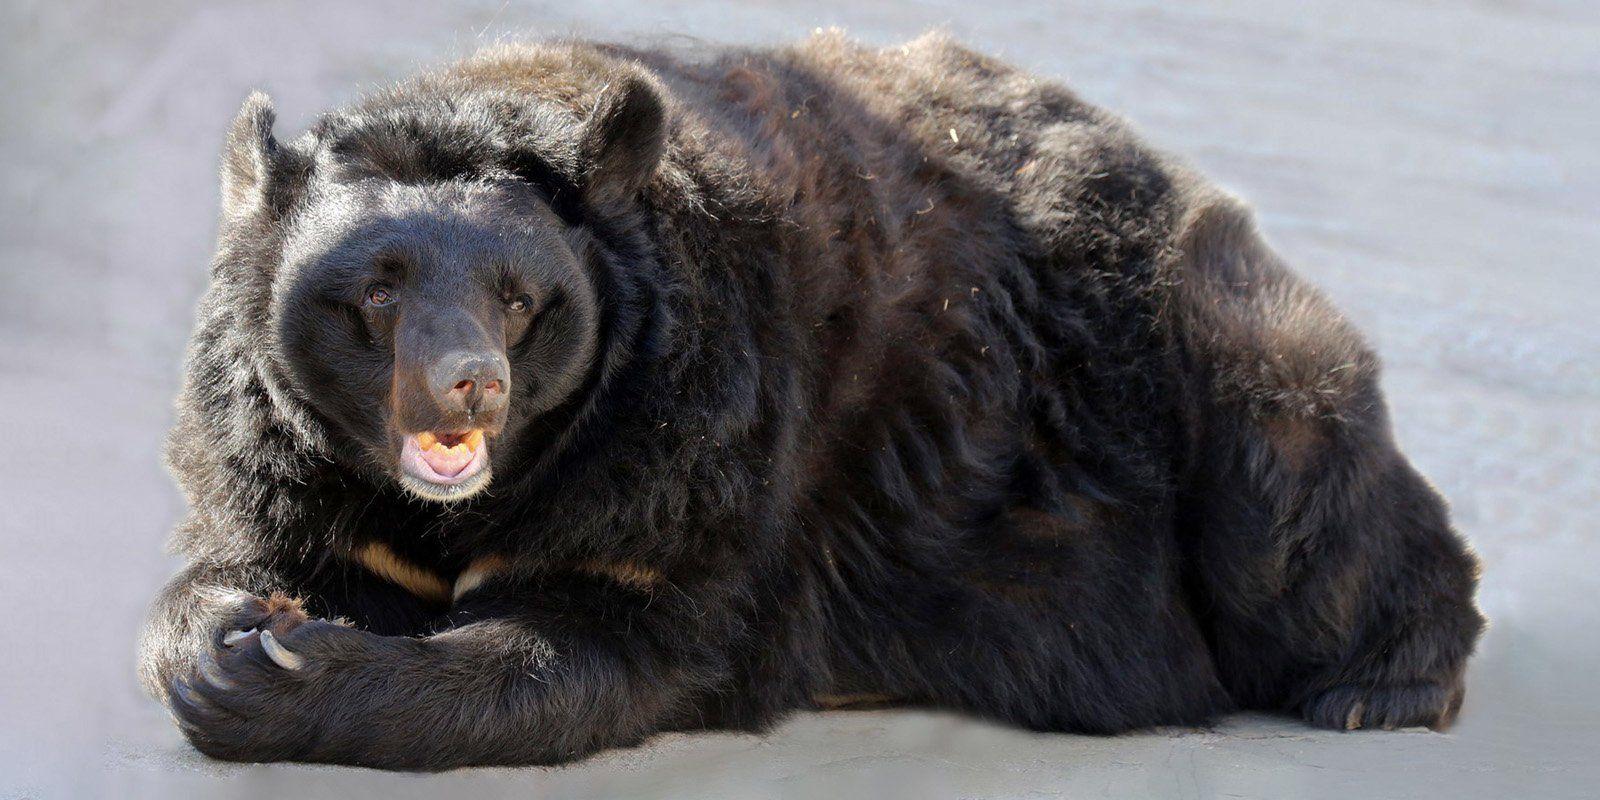 Три медведя ушли в спячку в Московском зоопарке. Фото: официальный сайт мэра Москвы